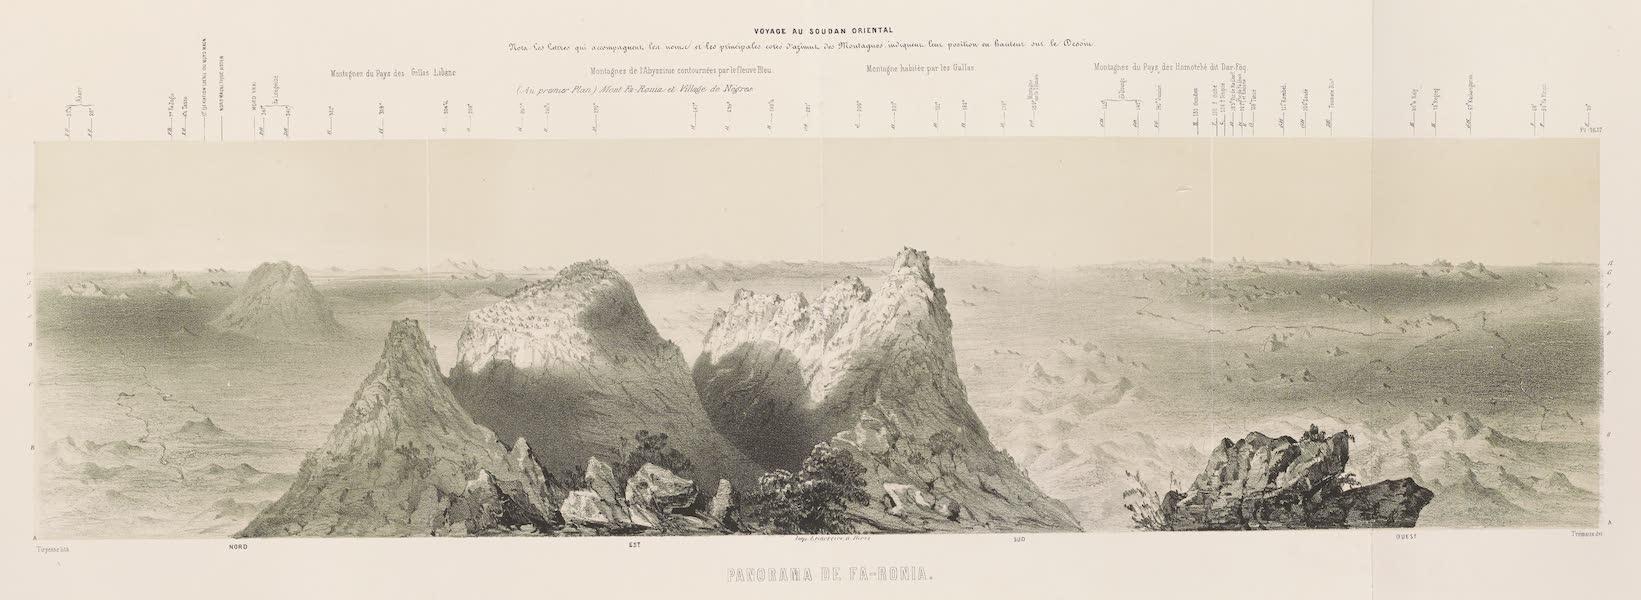 Voyages au Soudan Oriental et Dans l'Afrique Septentrionale - Planches 16 et 17. Panorama de Fa-Ronia. (1852)